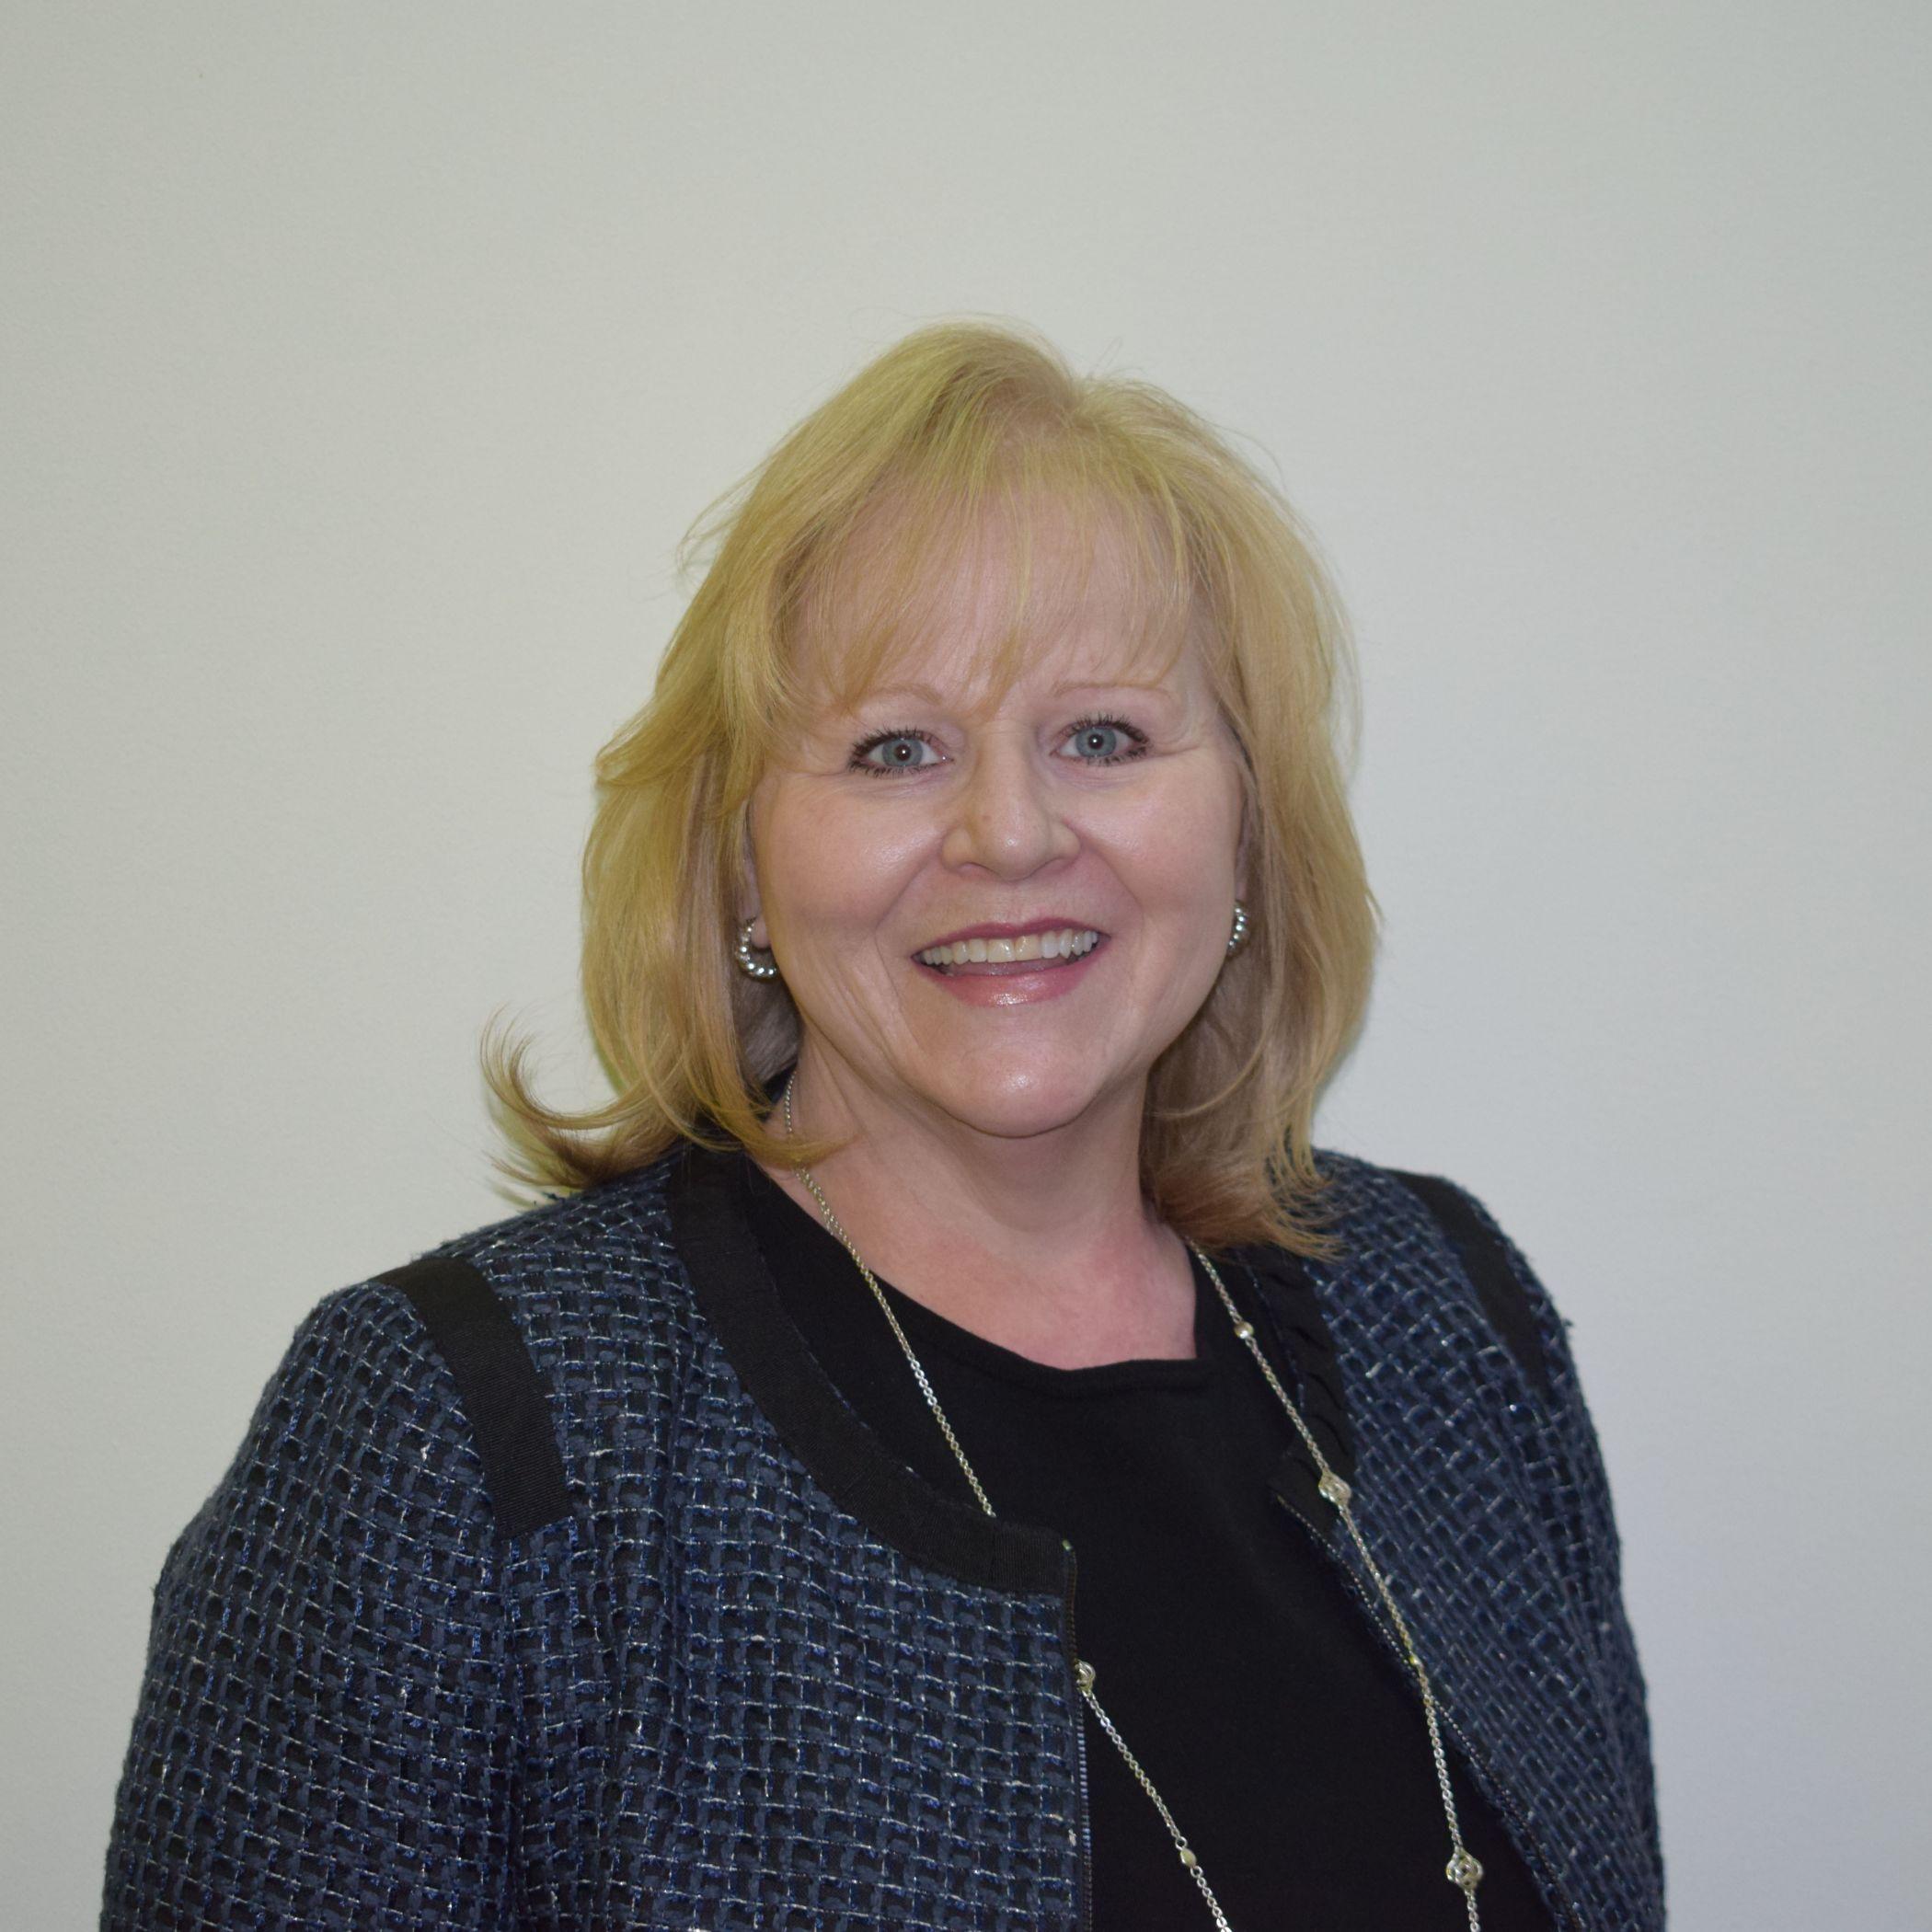 Teresa McDonough